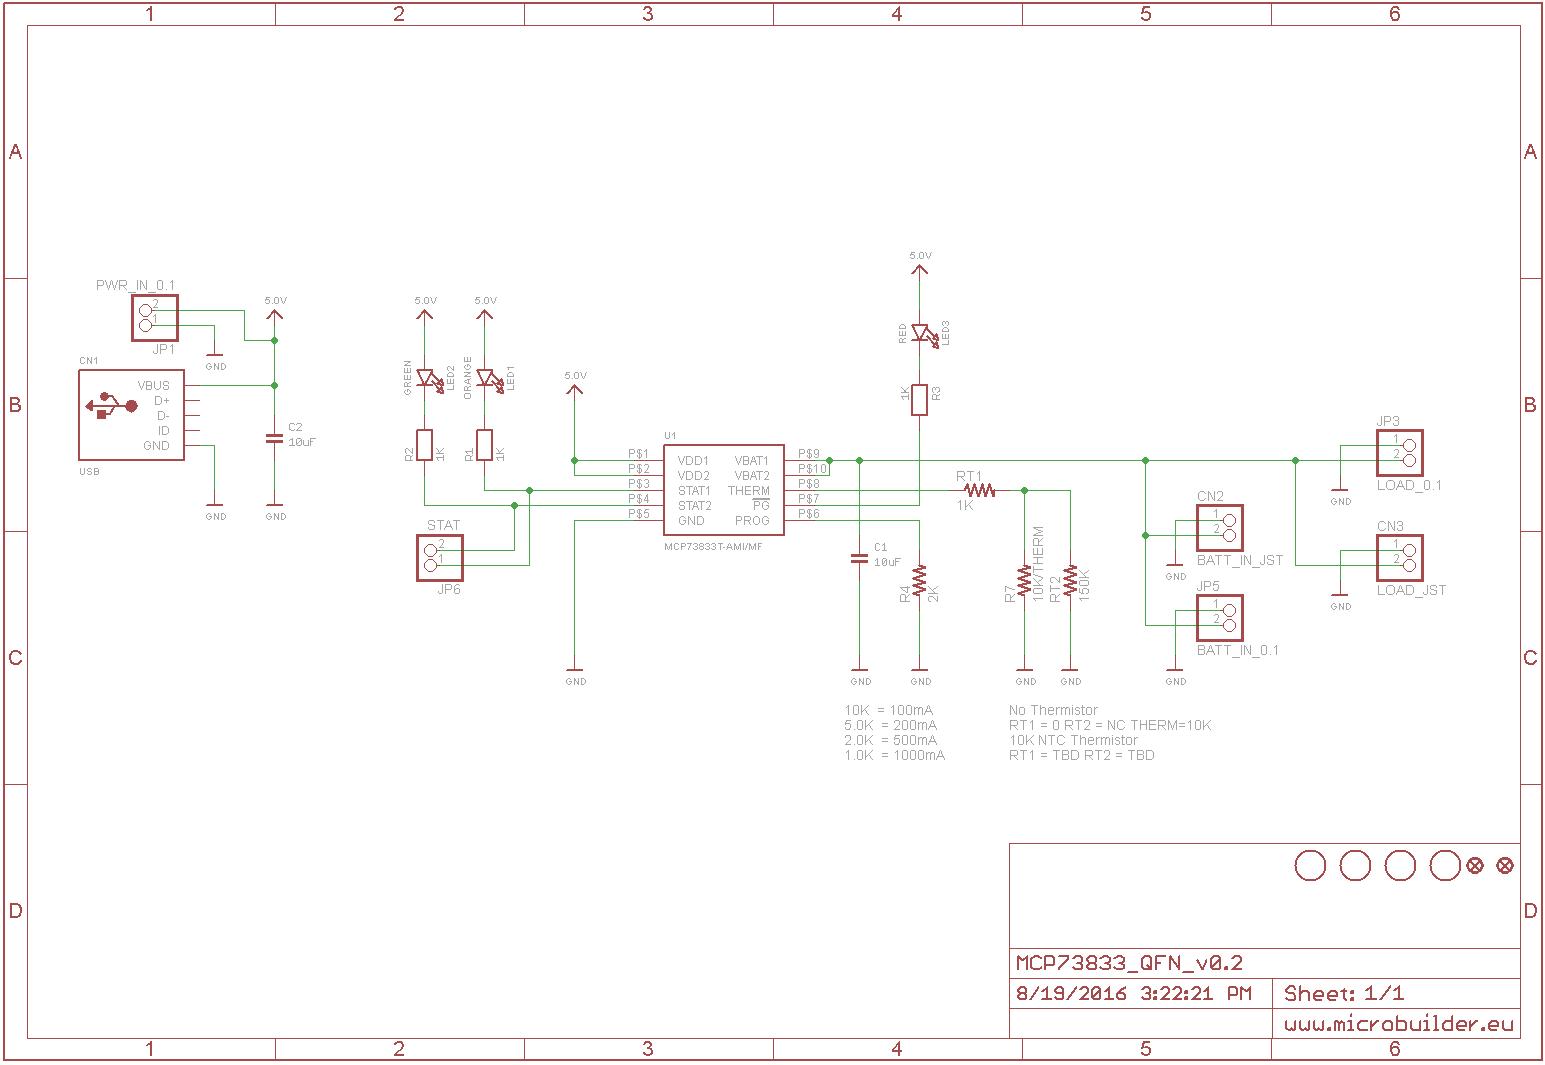 components_schem.png